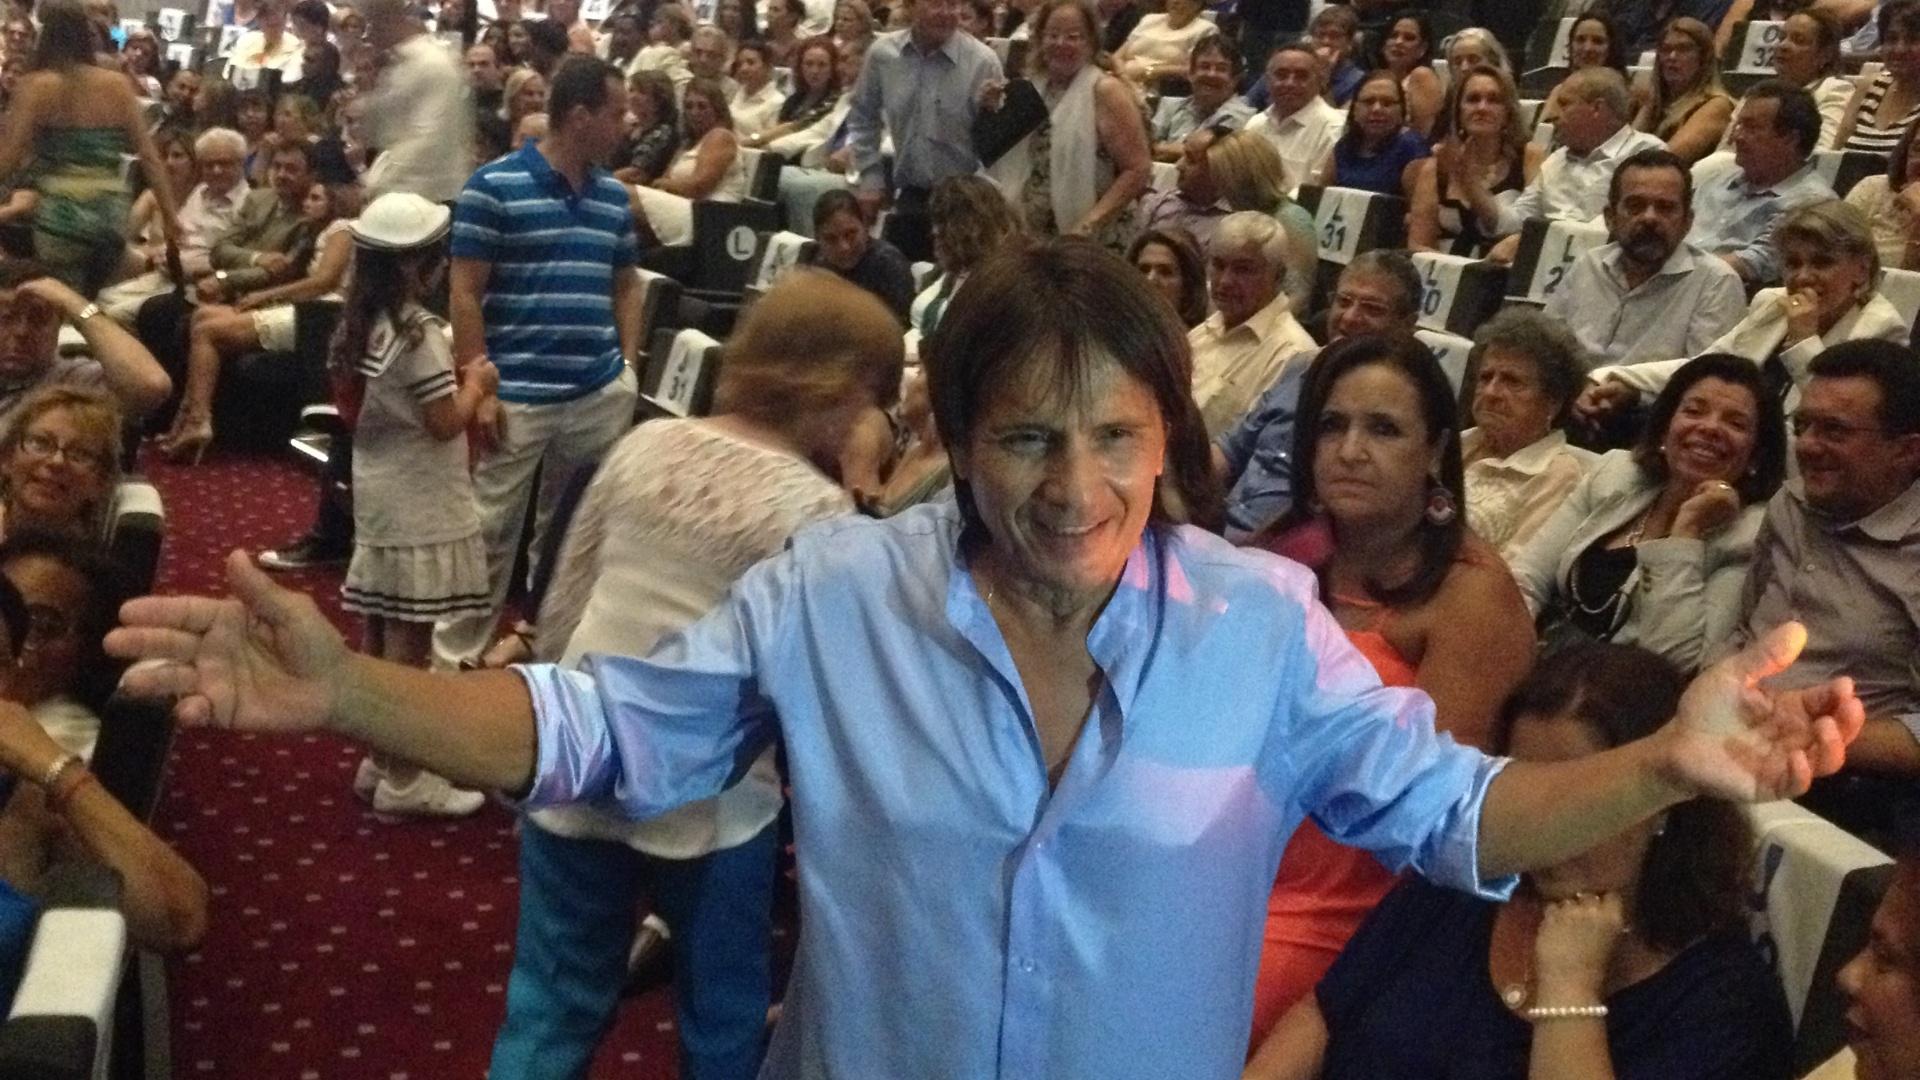 04.fev.2015 - Robson Carvalho, sósia do cantor Roberto Carlos, posa com fãs durante show no cruzeiro